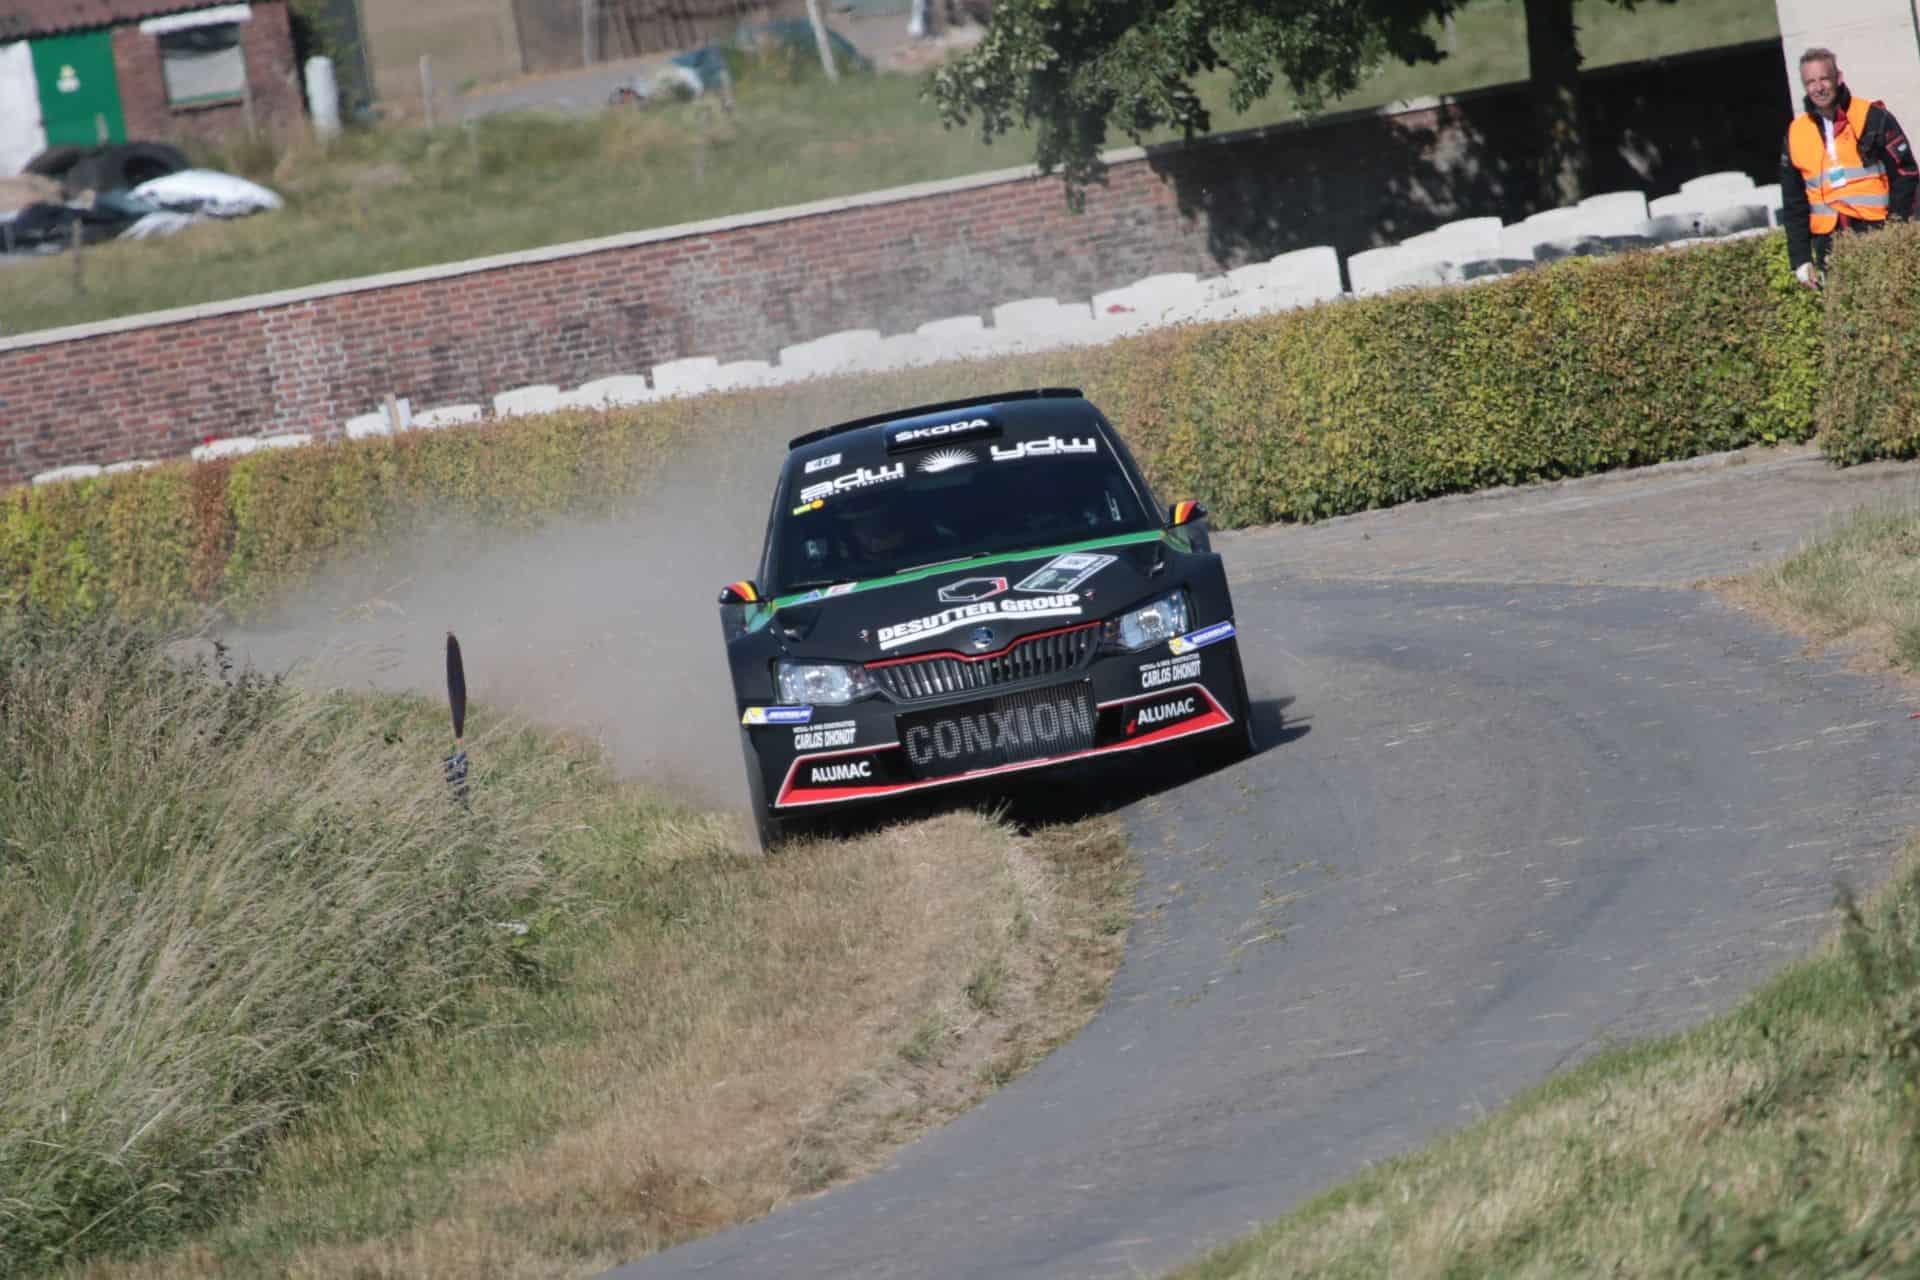 Vincent Verschueren & Veronique Hostens - Skoda Fabia R5 - Ypres Rally 2018